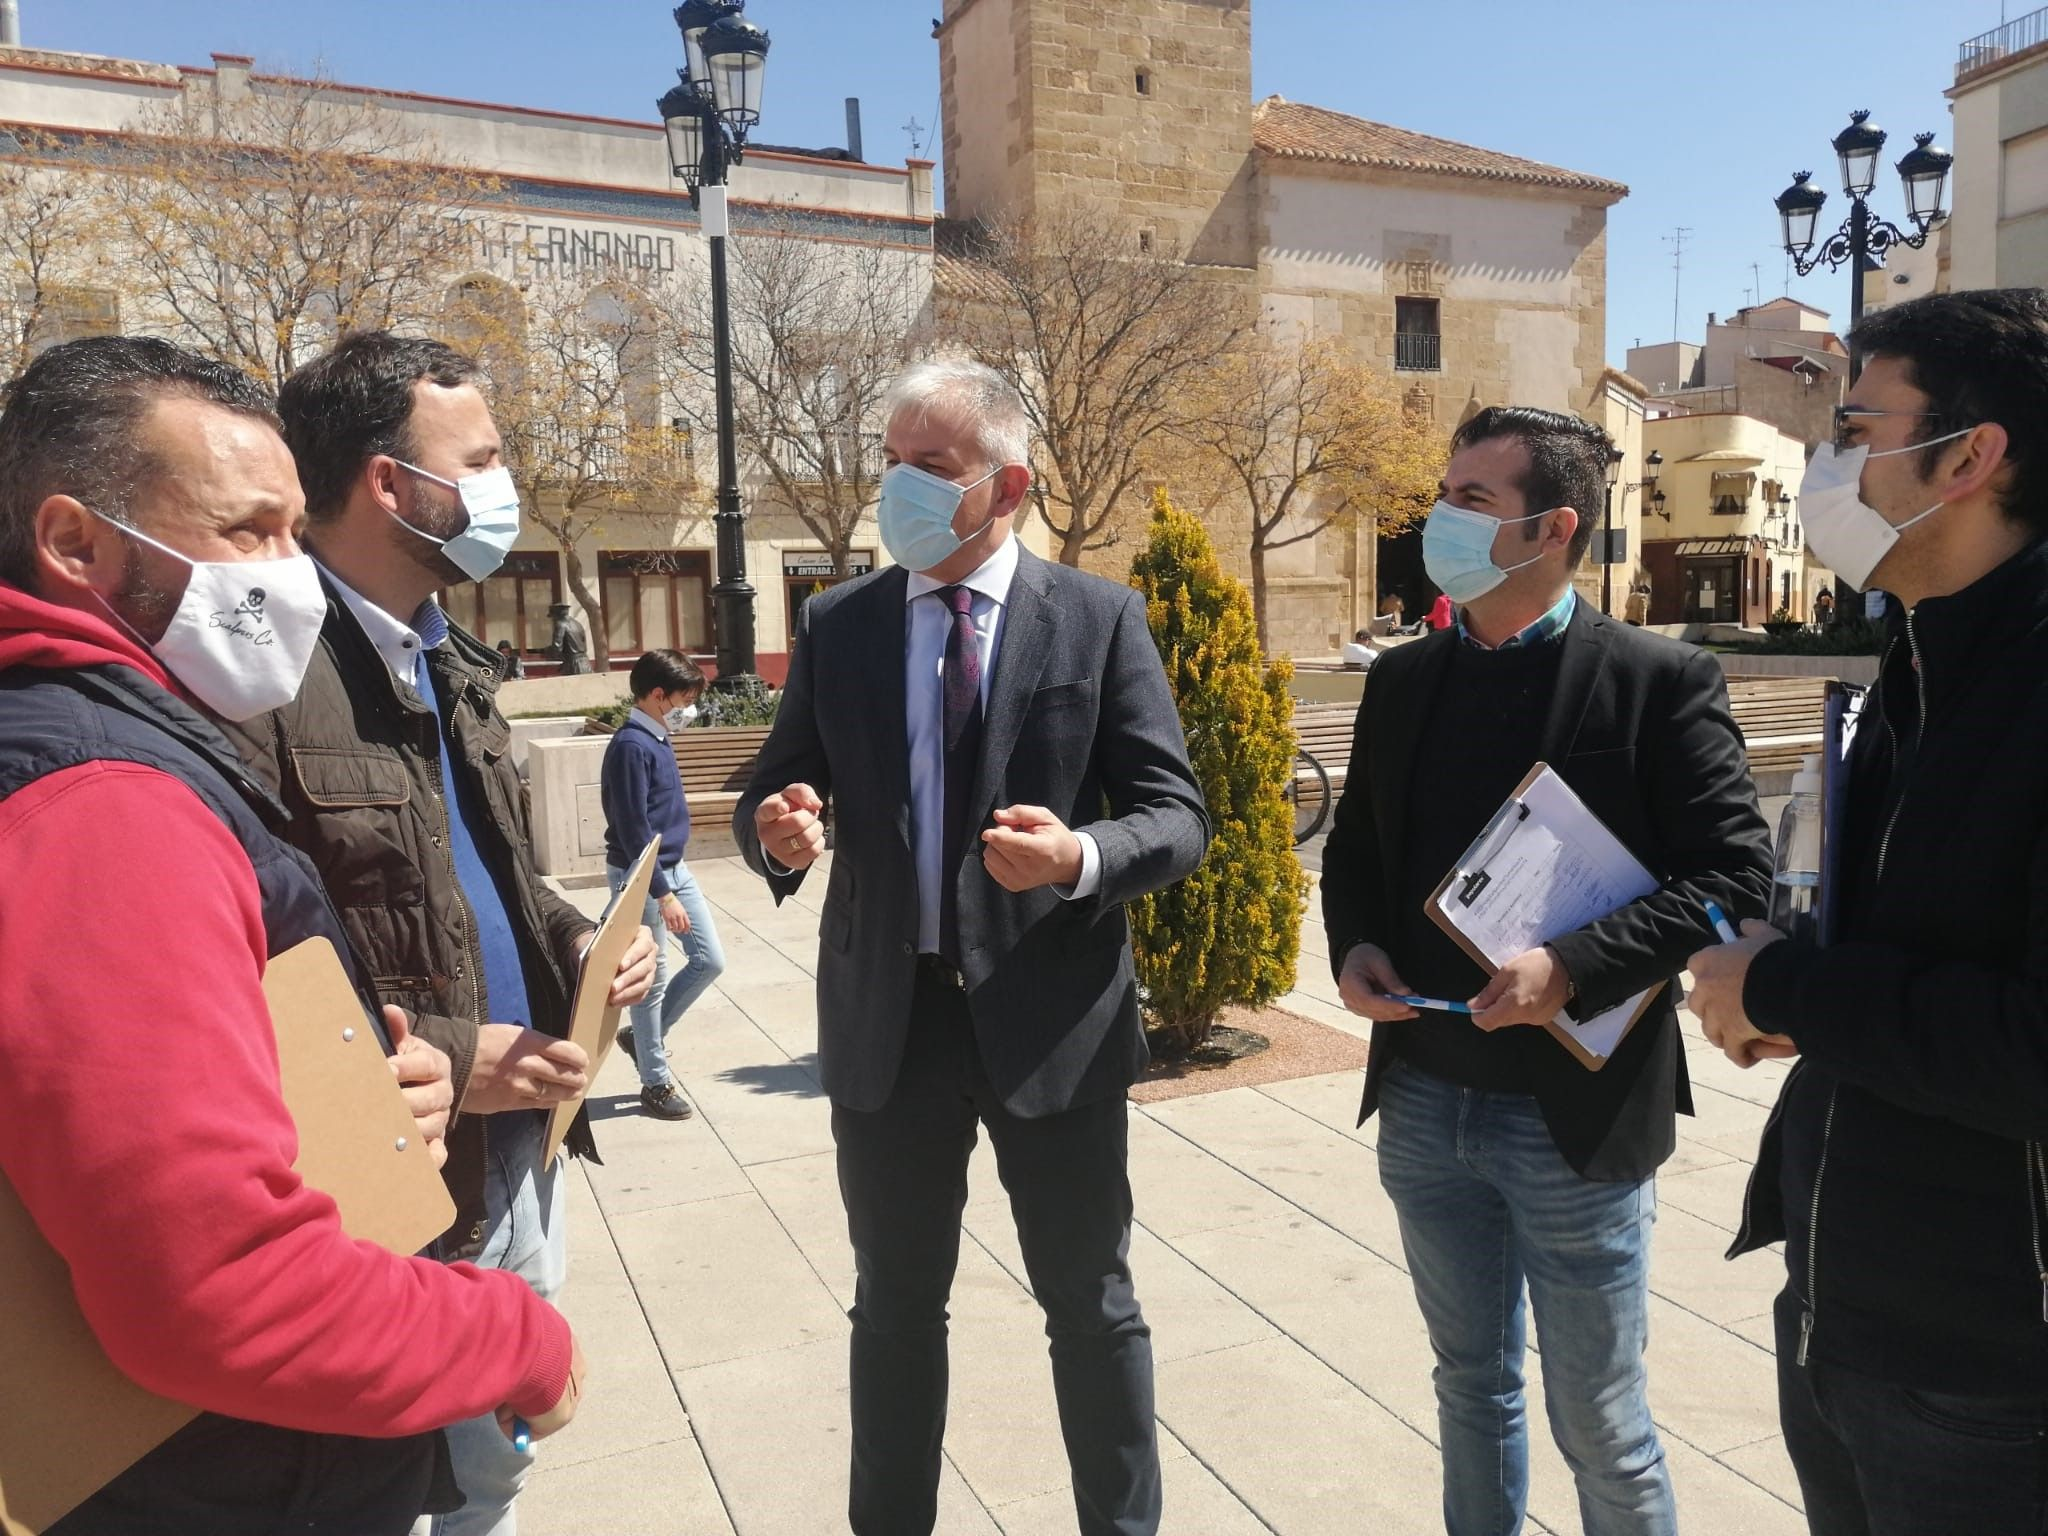 Romero y Callejas solicitan a la Junta y al Ayuntamiento de Tomelloso, datos, informes y documentos sobre la UCI y el Plan Funcional del Hospital